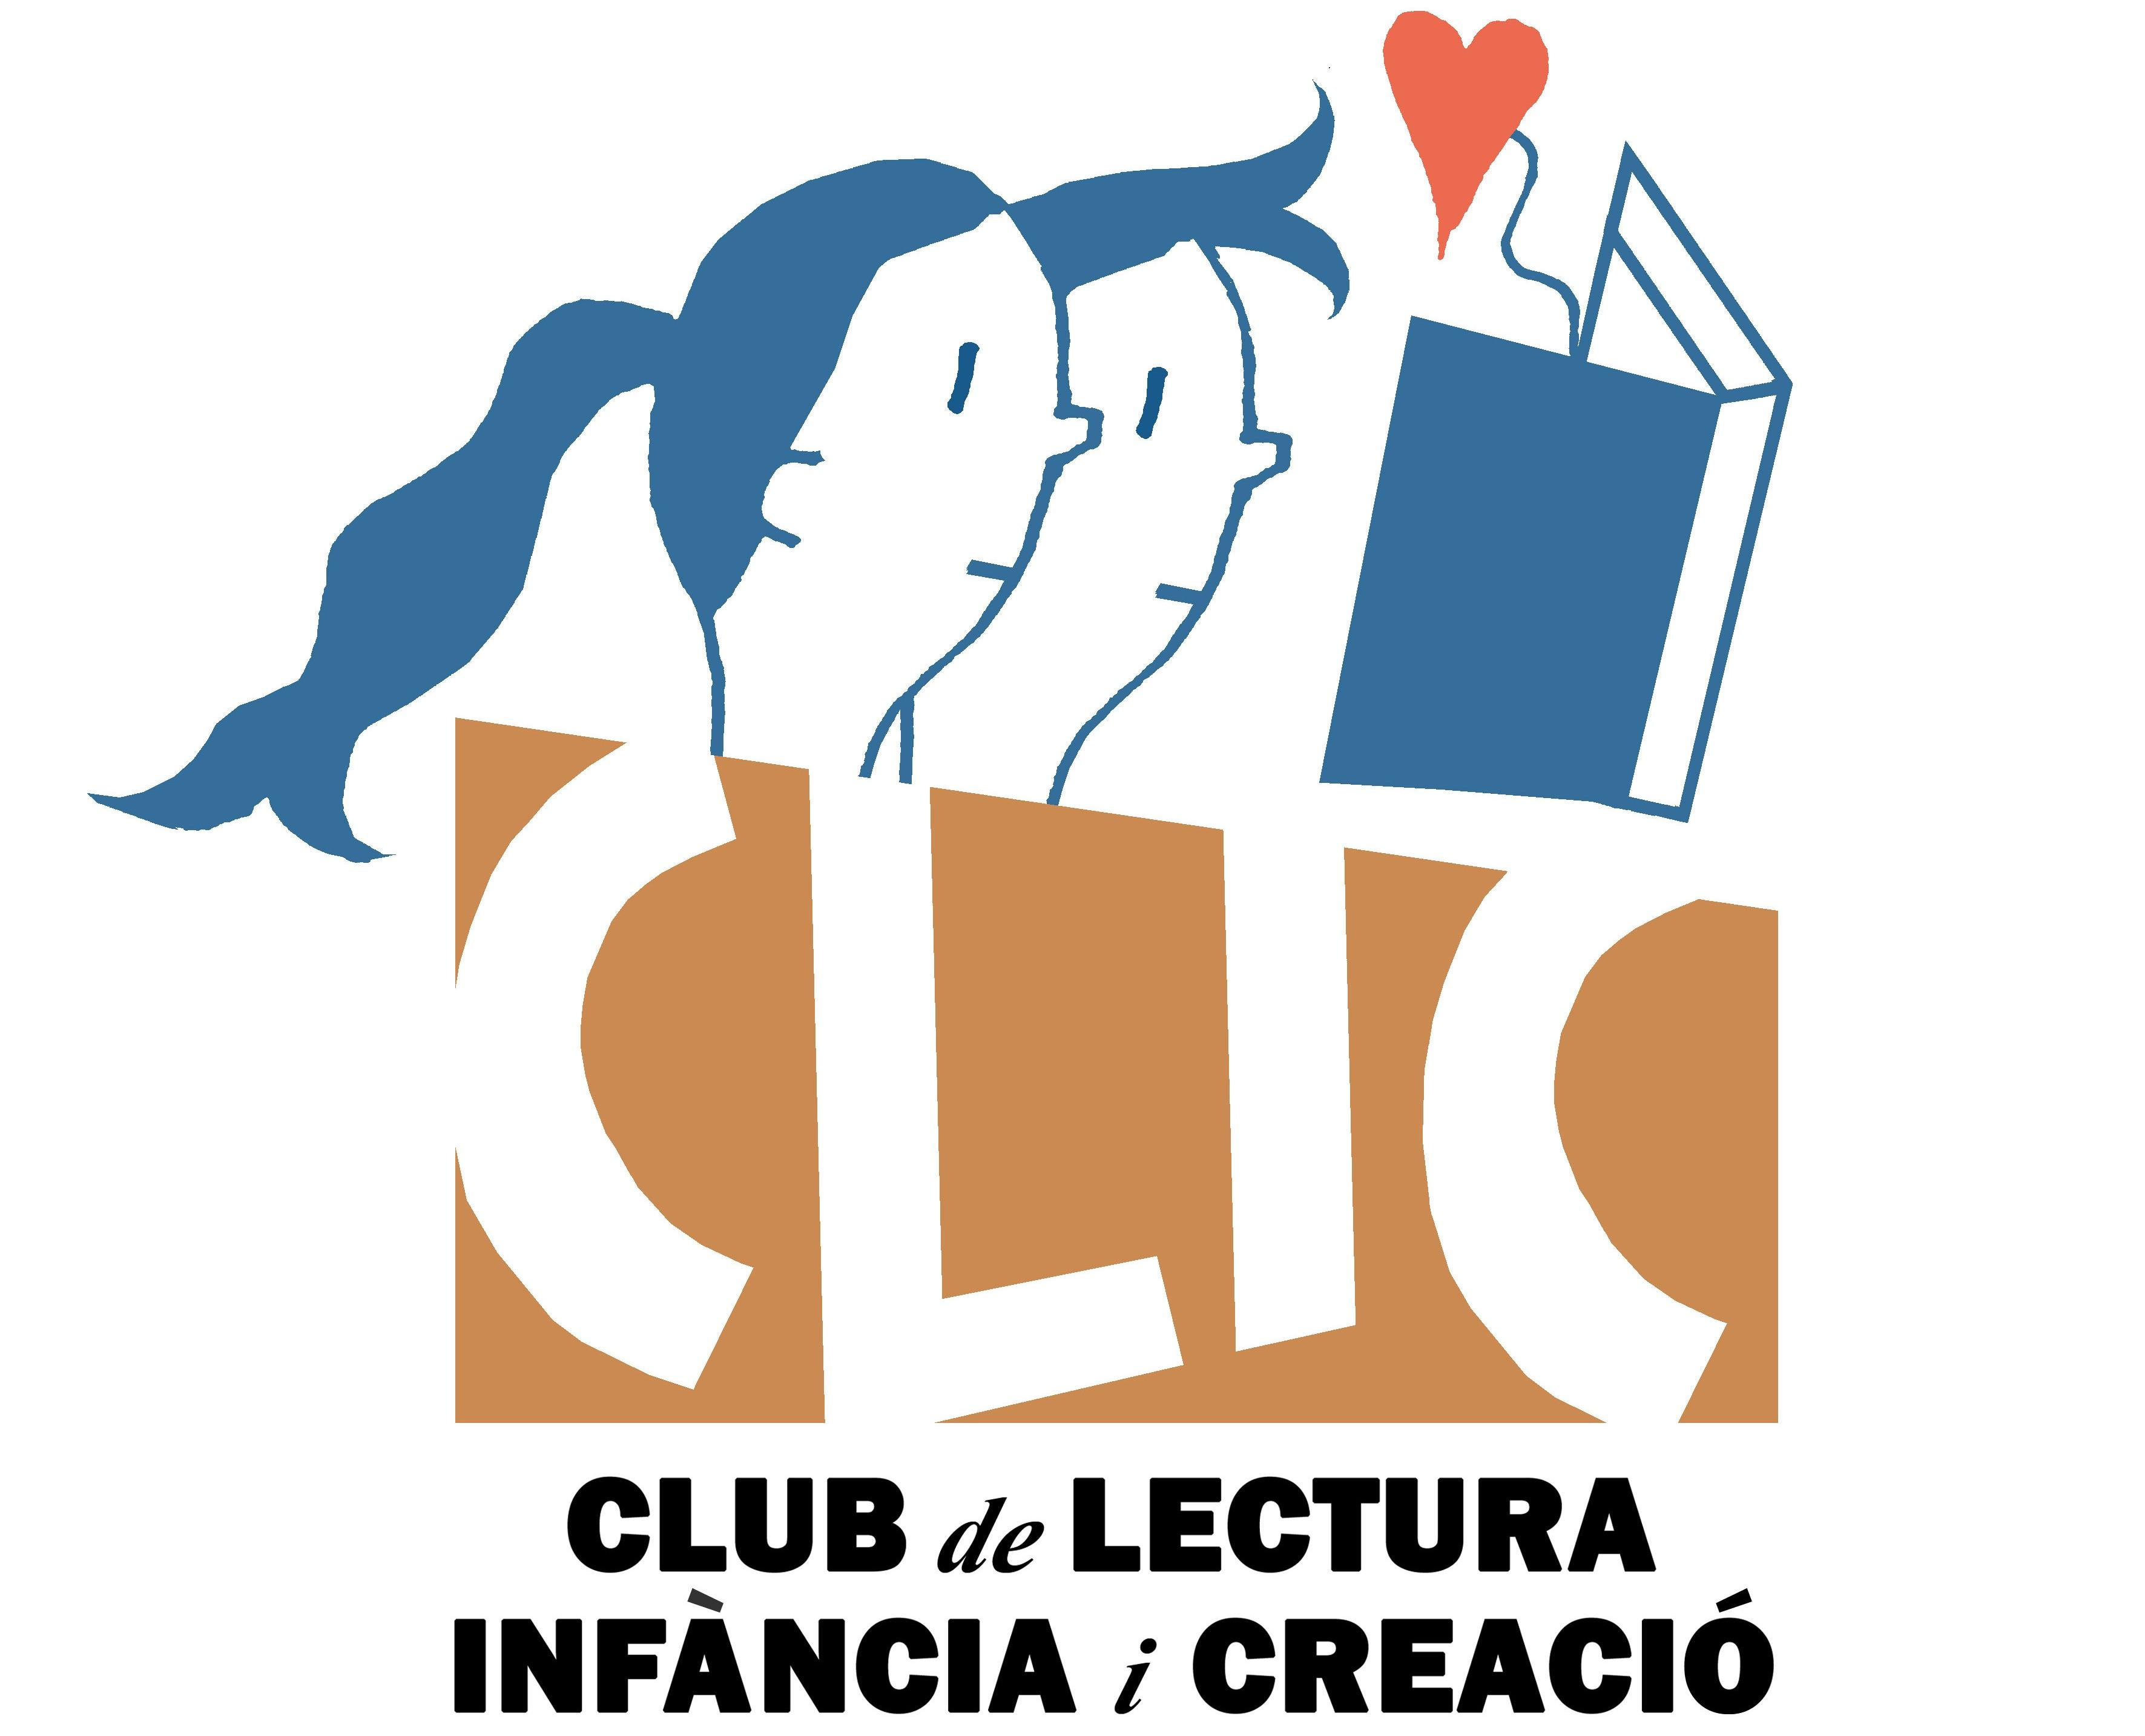 Cultura pone en marcha clubs de lectura infantil en las bibliotecas valencianas